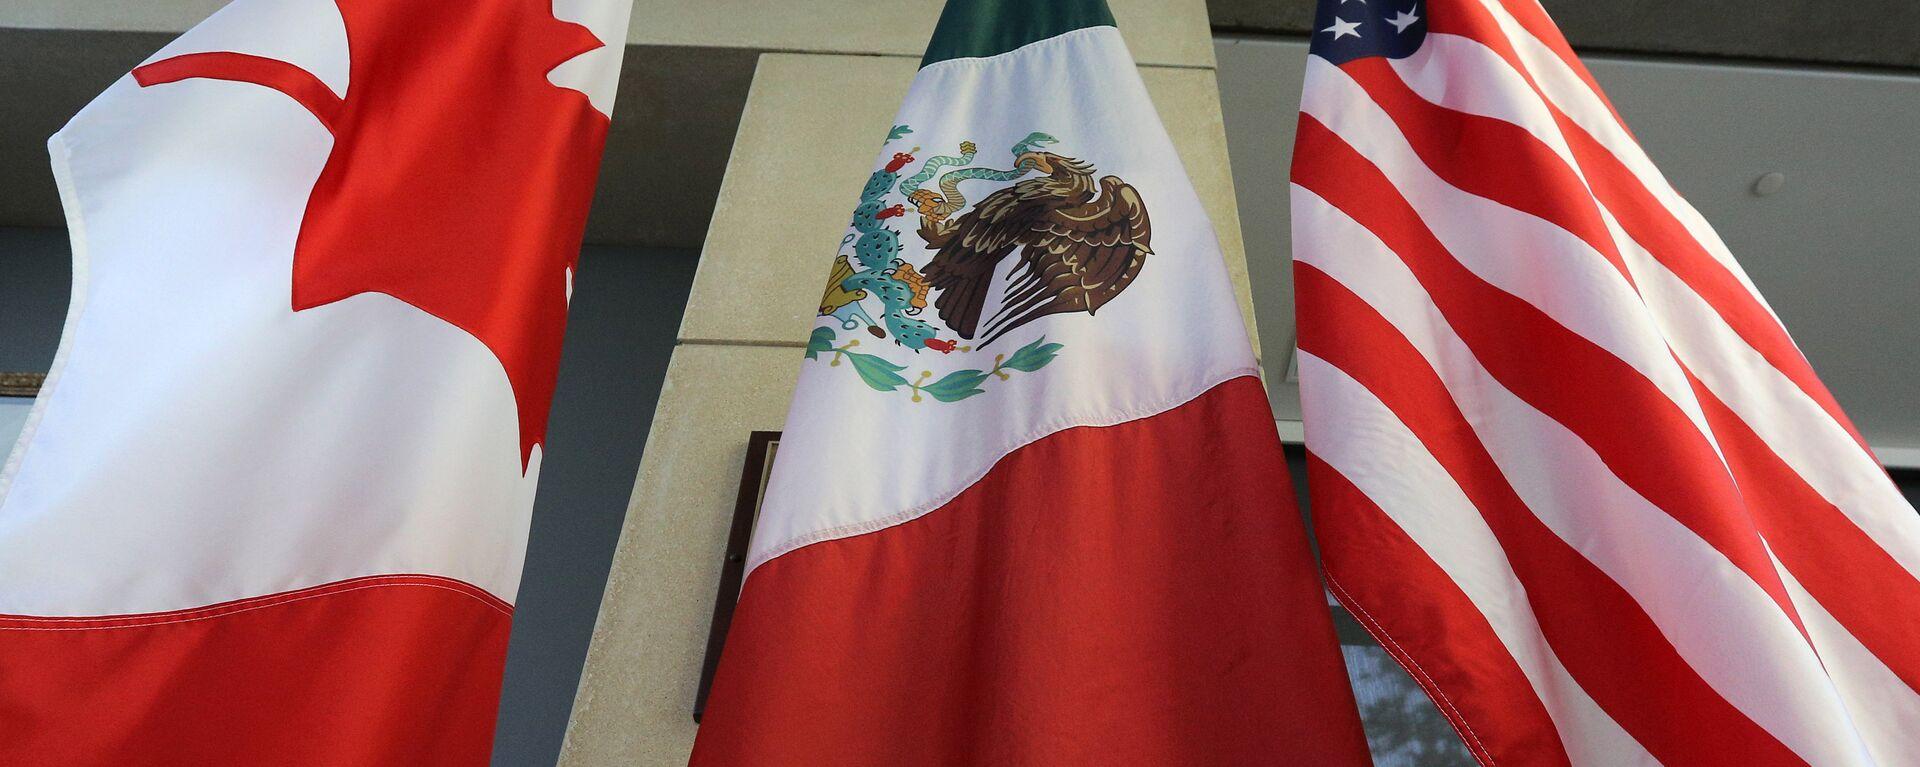 Las banderas de Canadá, México y EEUU - Sputnik Mundo, 1920, 25.09.2021